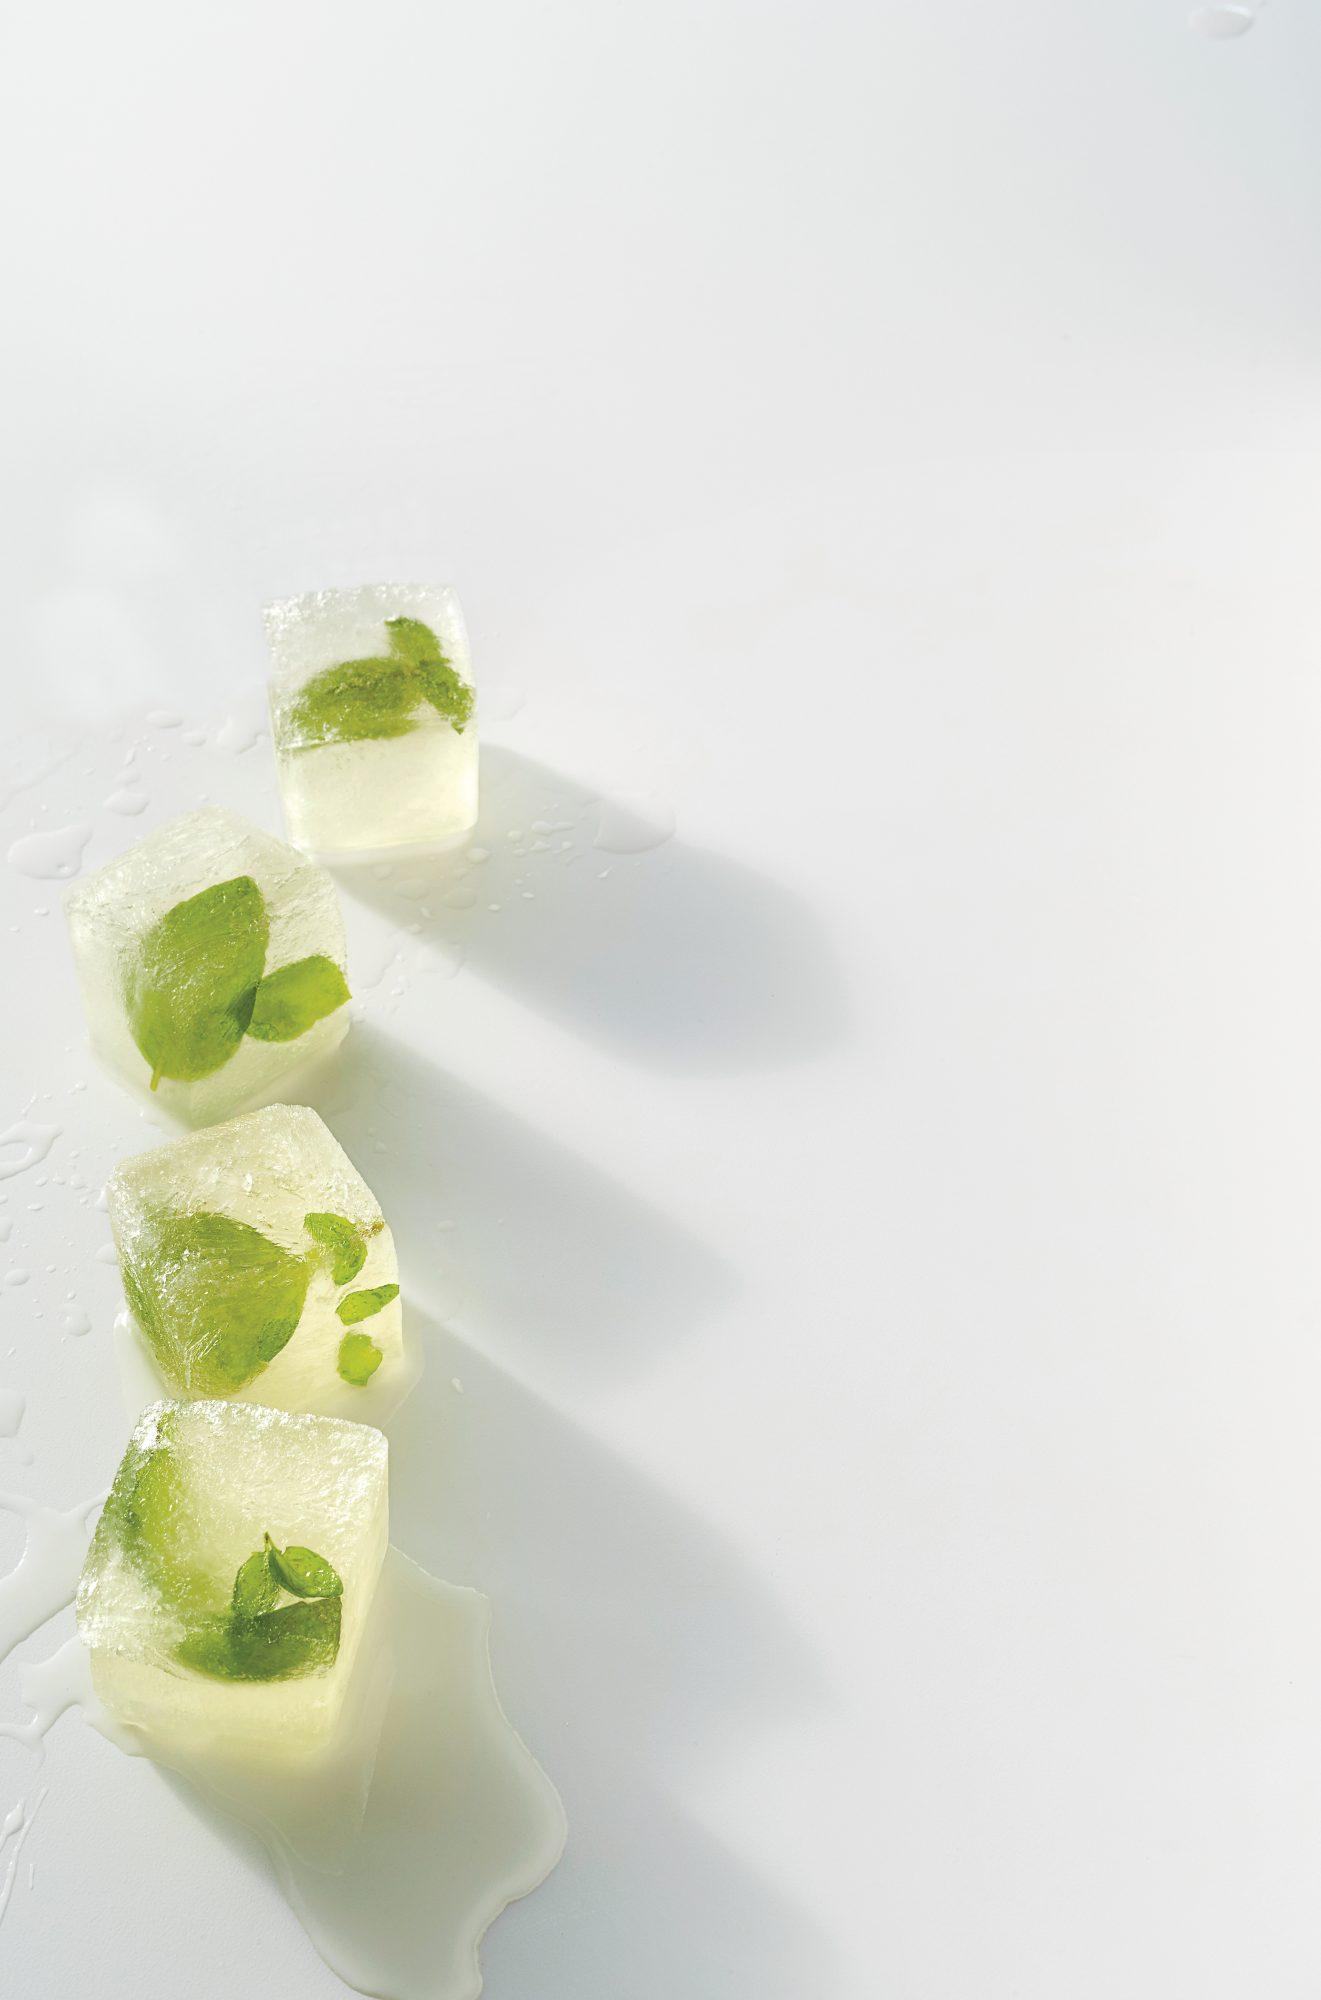 Basil-Vermouth Ice Cubes